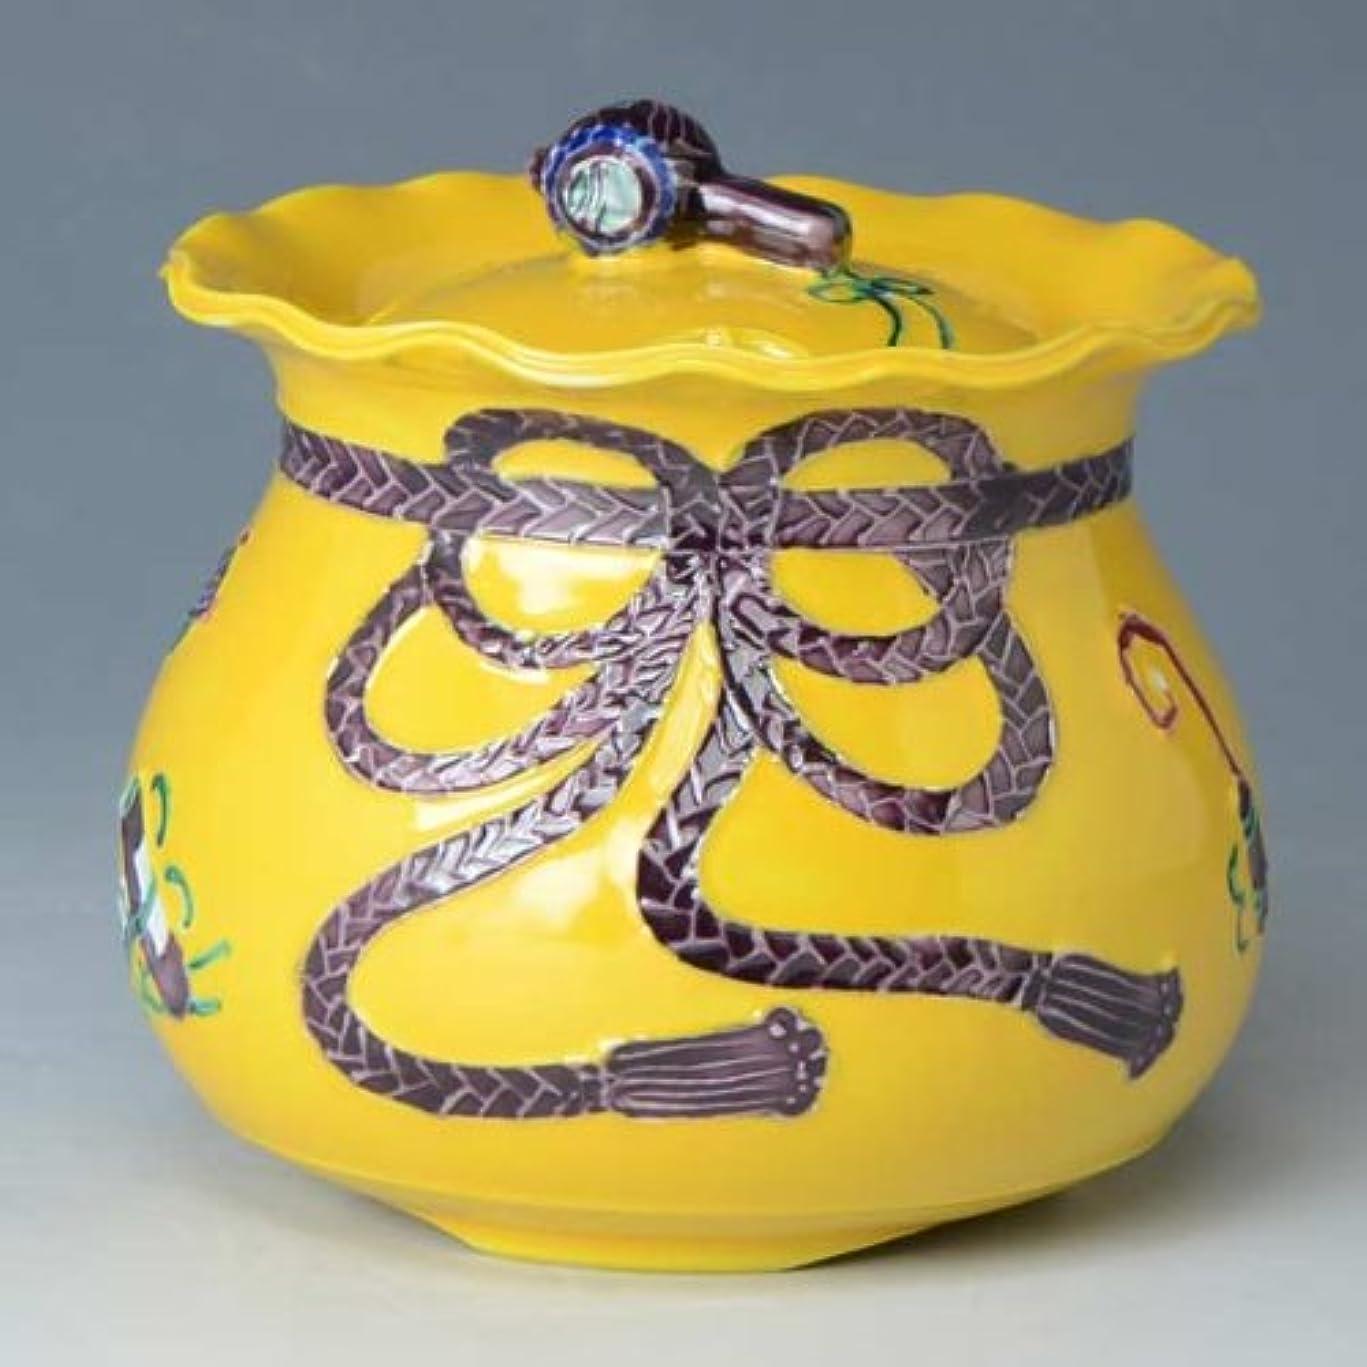 ファッションかごセールスマン京焼 清水焼 香炉 黄交趾宝袋 きこうちたからぶくろ YKE119